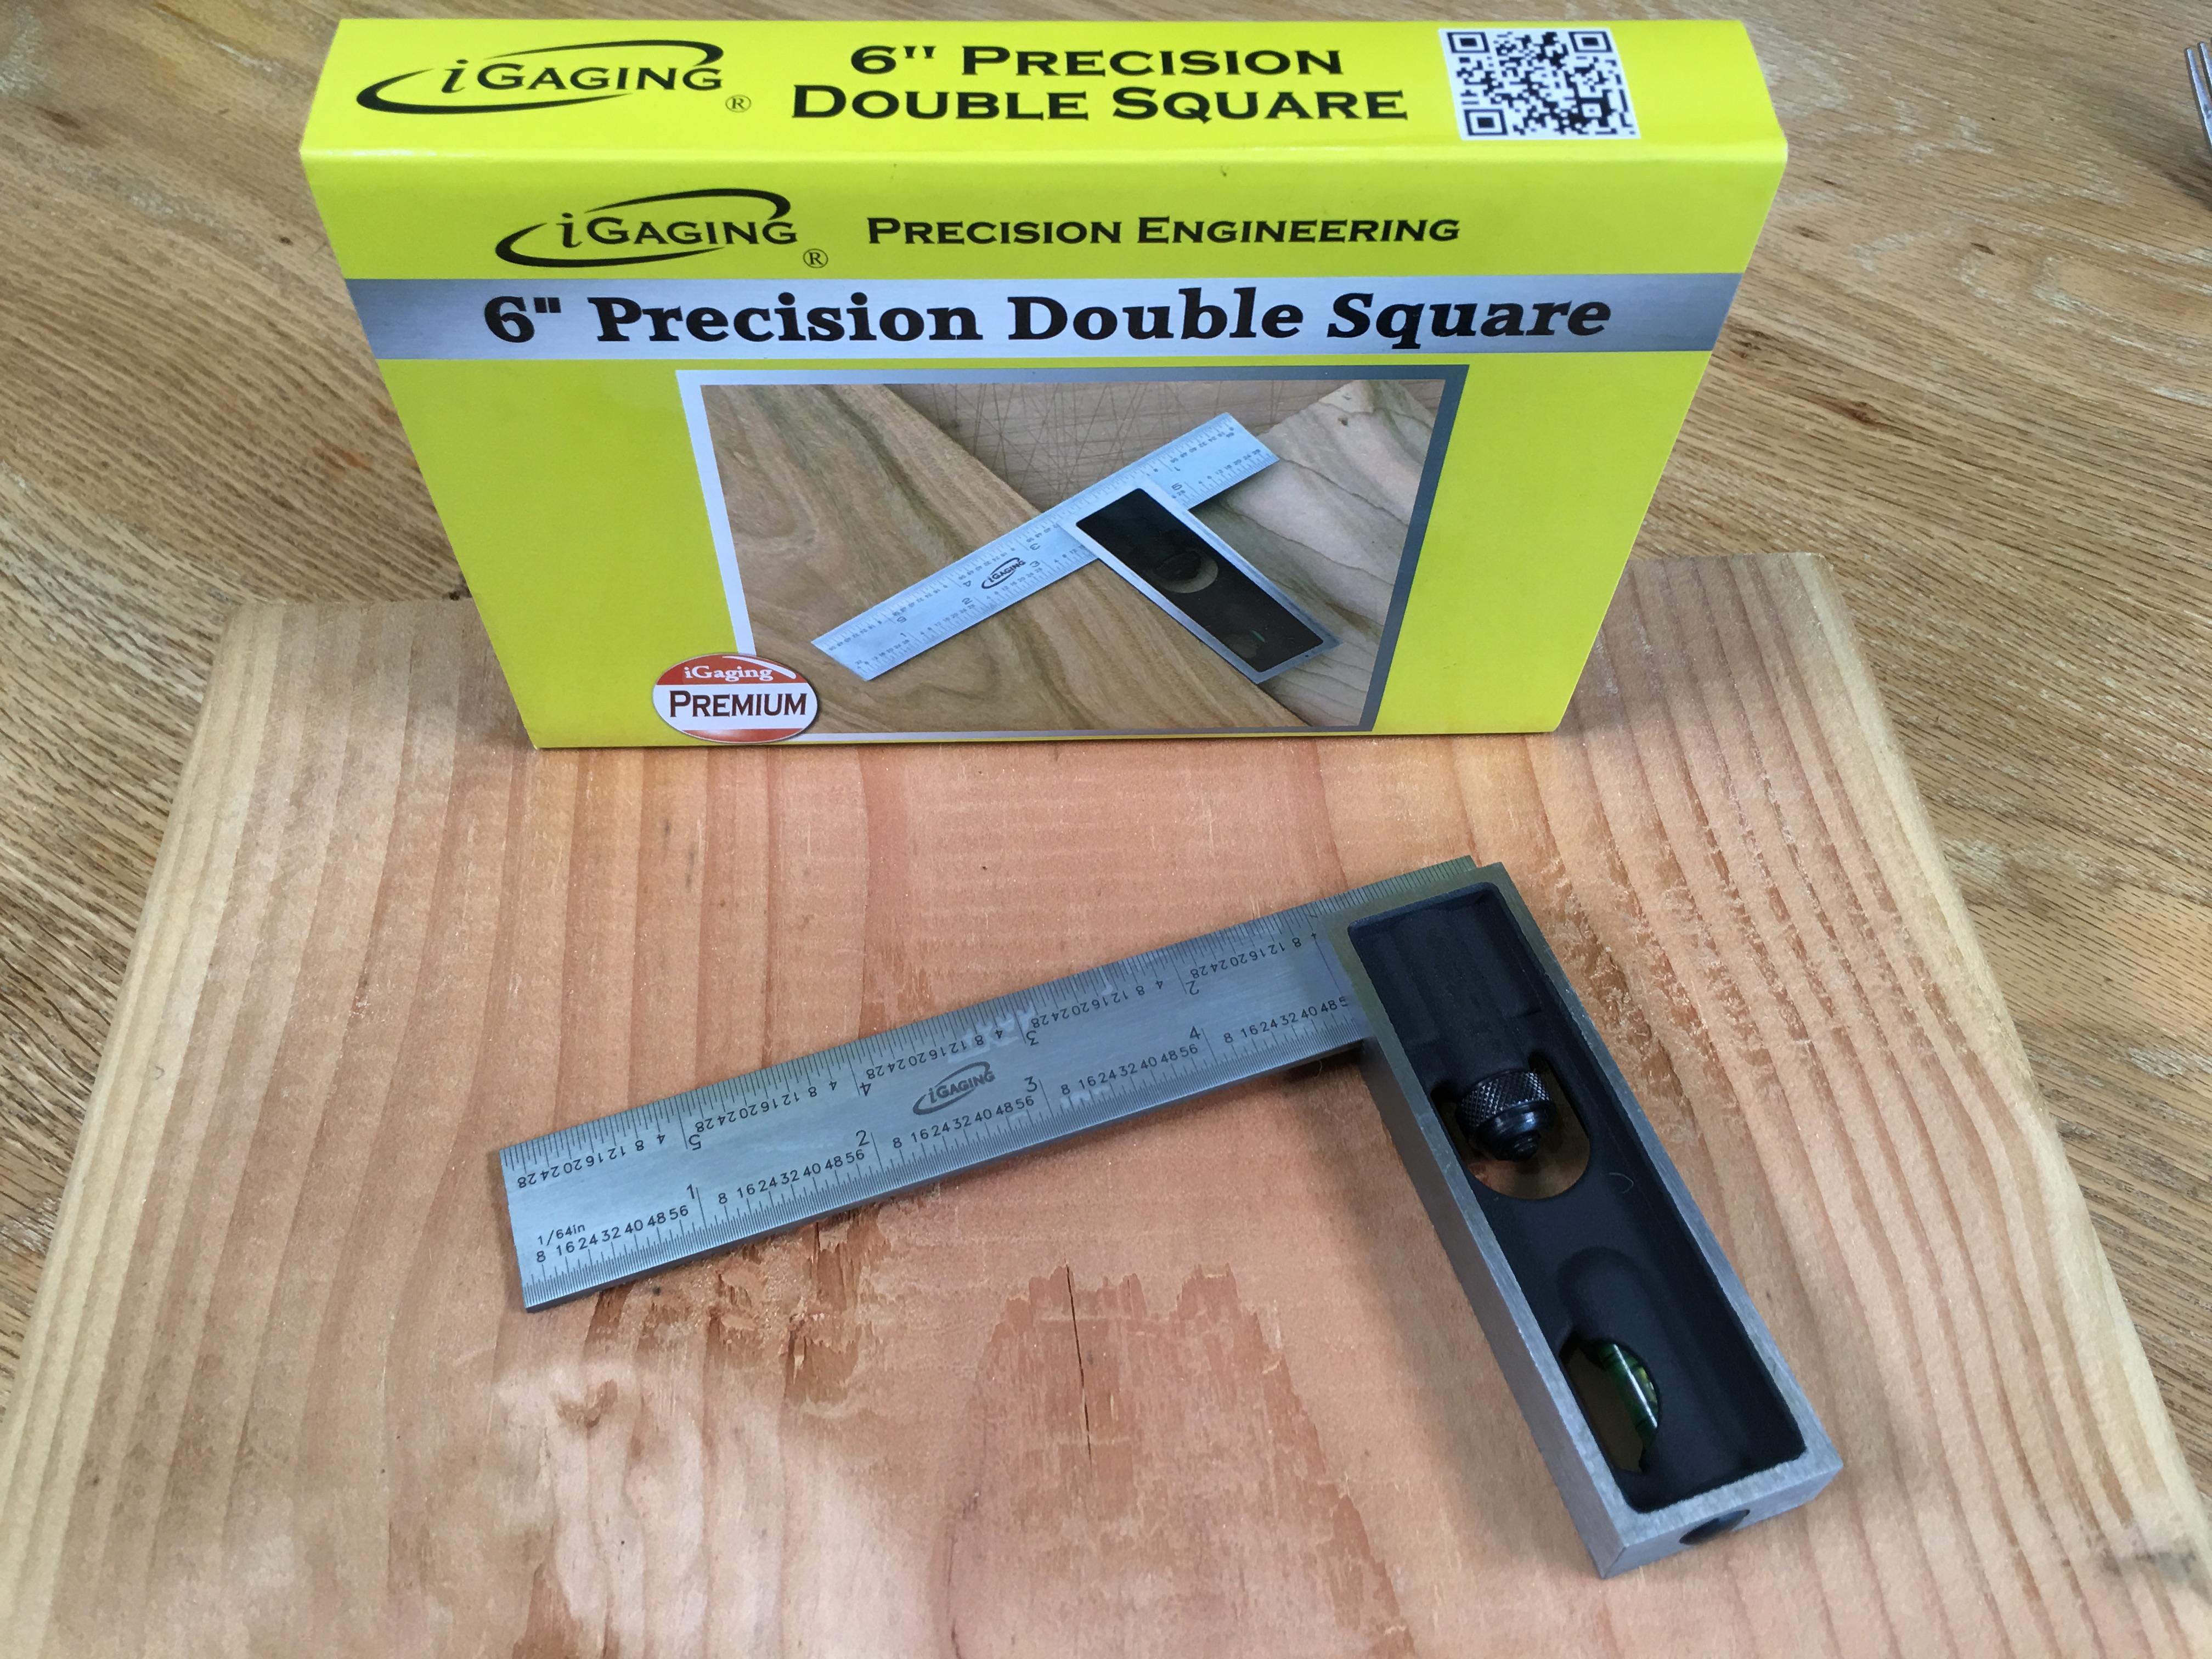 iGaging Premium 6 Steel Double Square